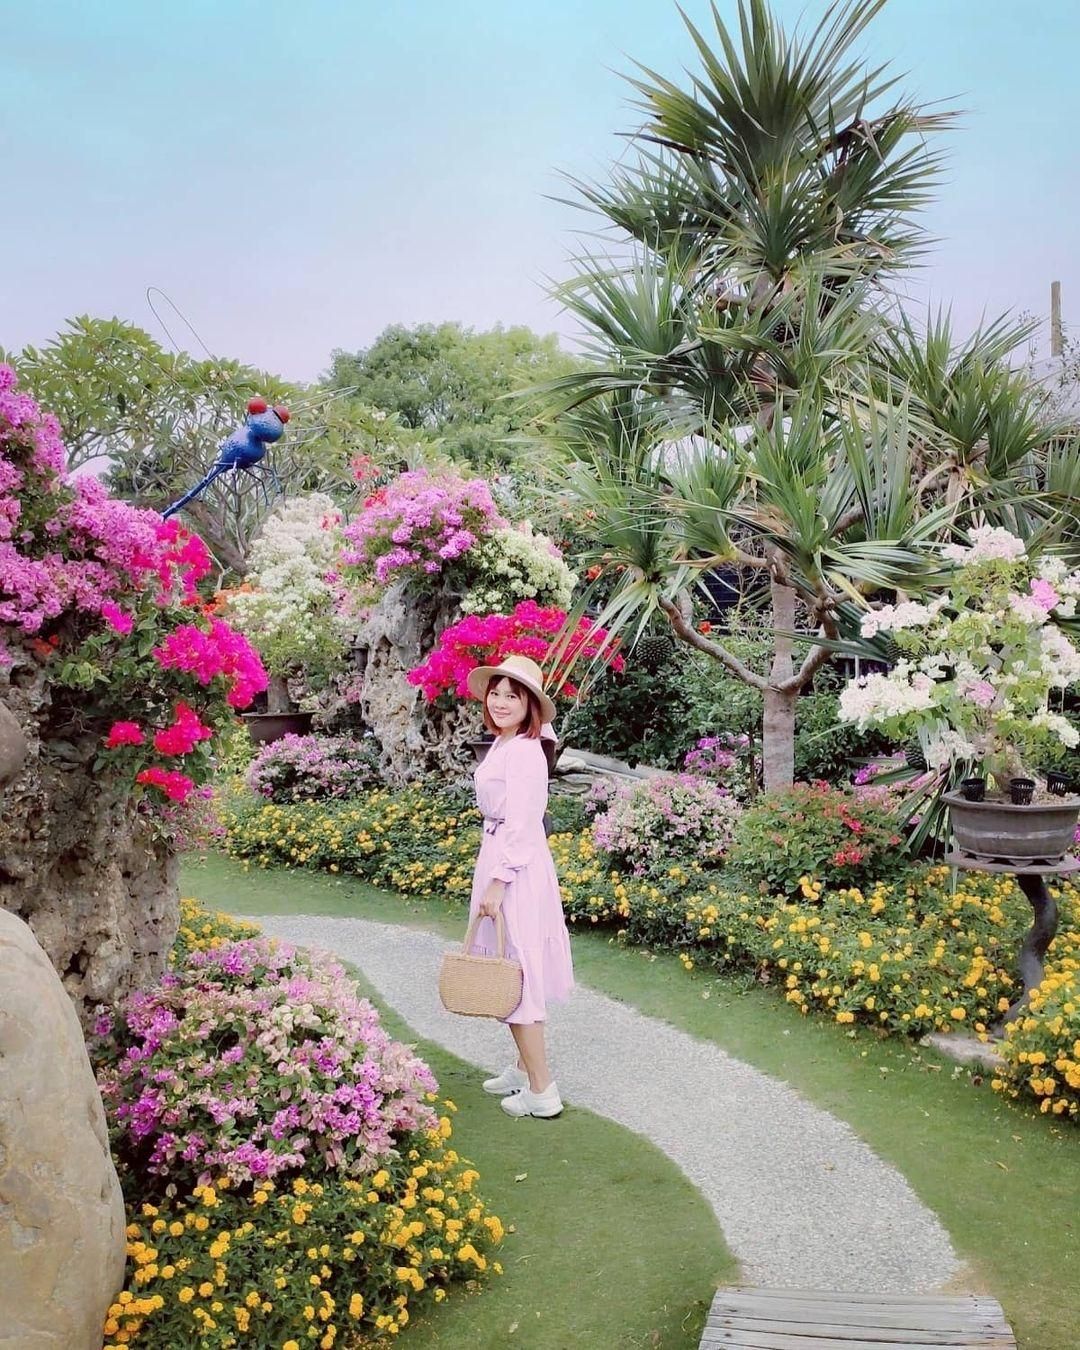 豪景園藝 @hhaacc12